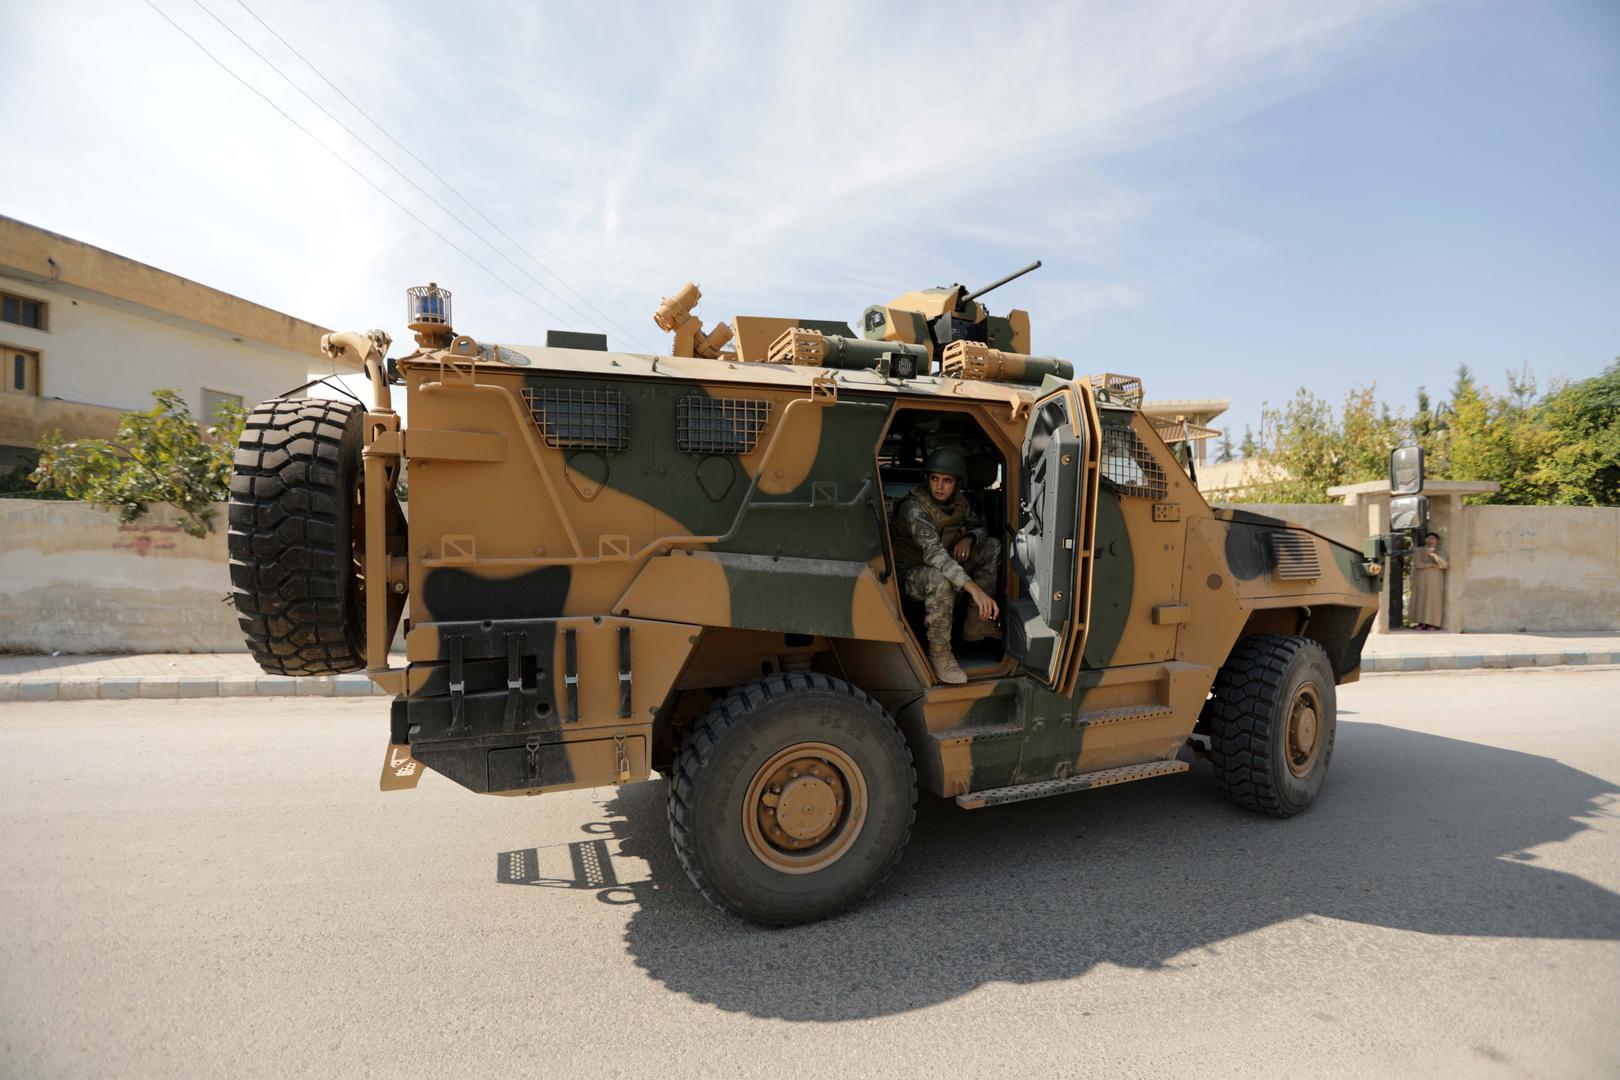 أنباء عن تصعيد القصف التركي في شمال سوريا وأنقرة تعلن تحييد 7 مقاتلين أكراد